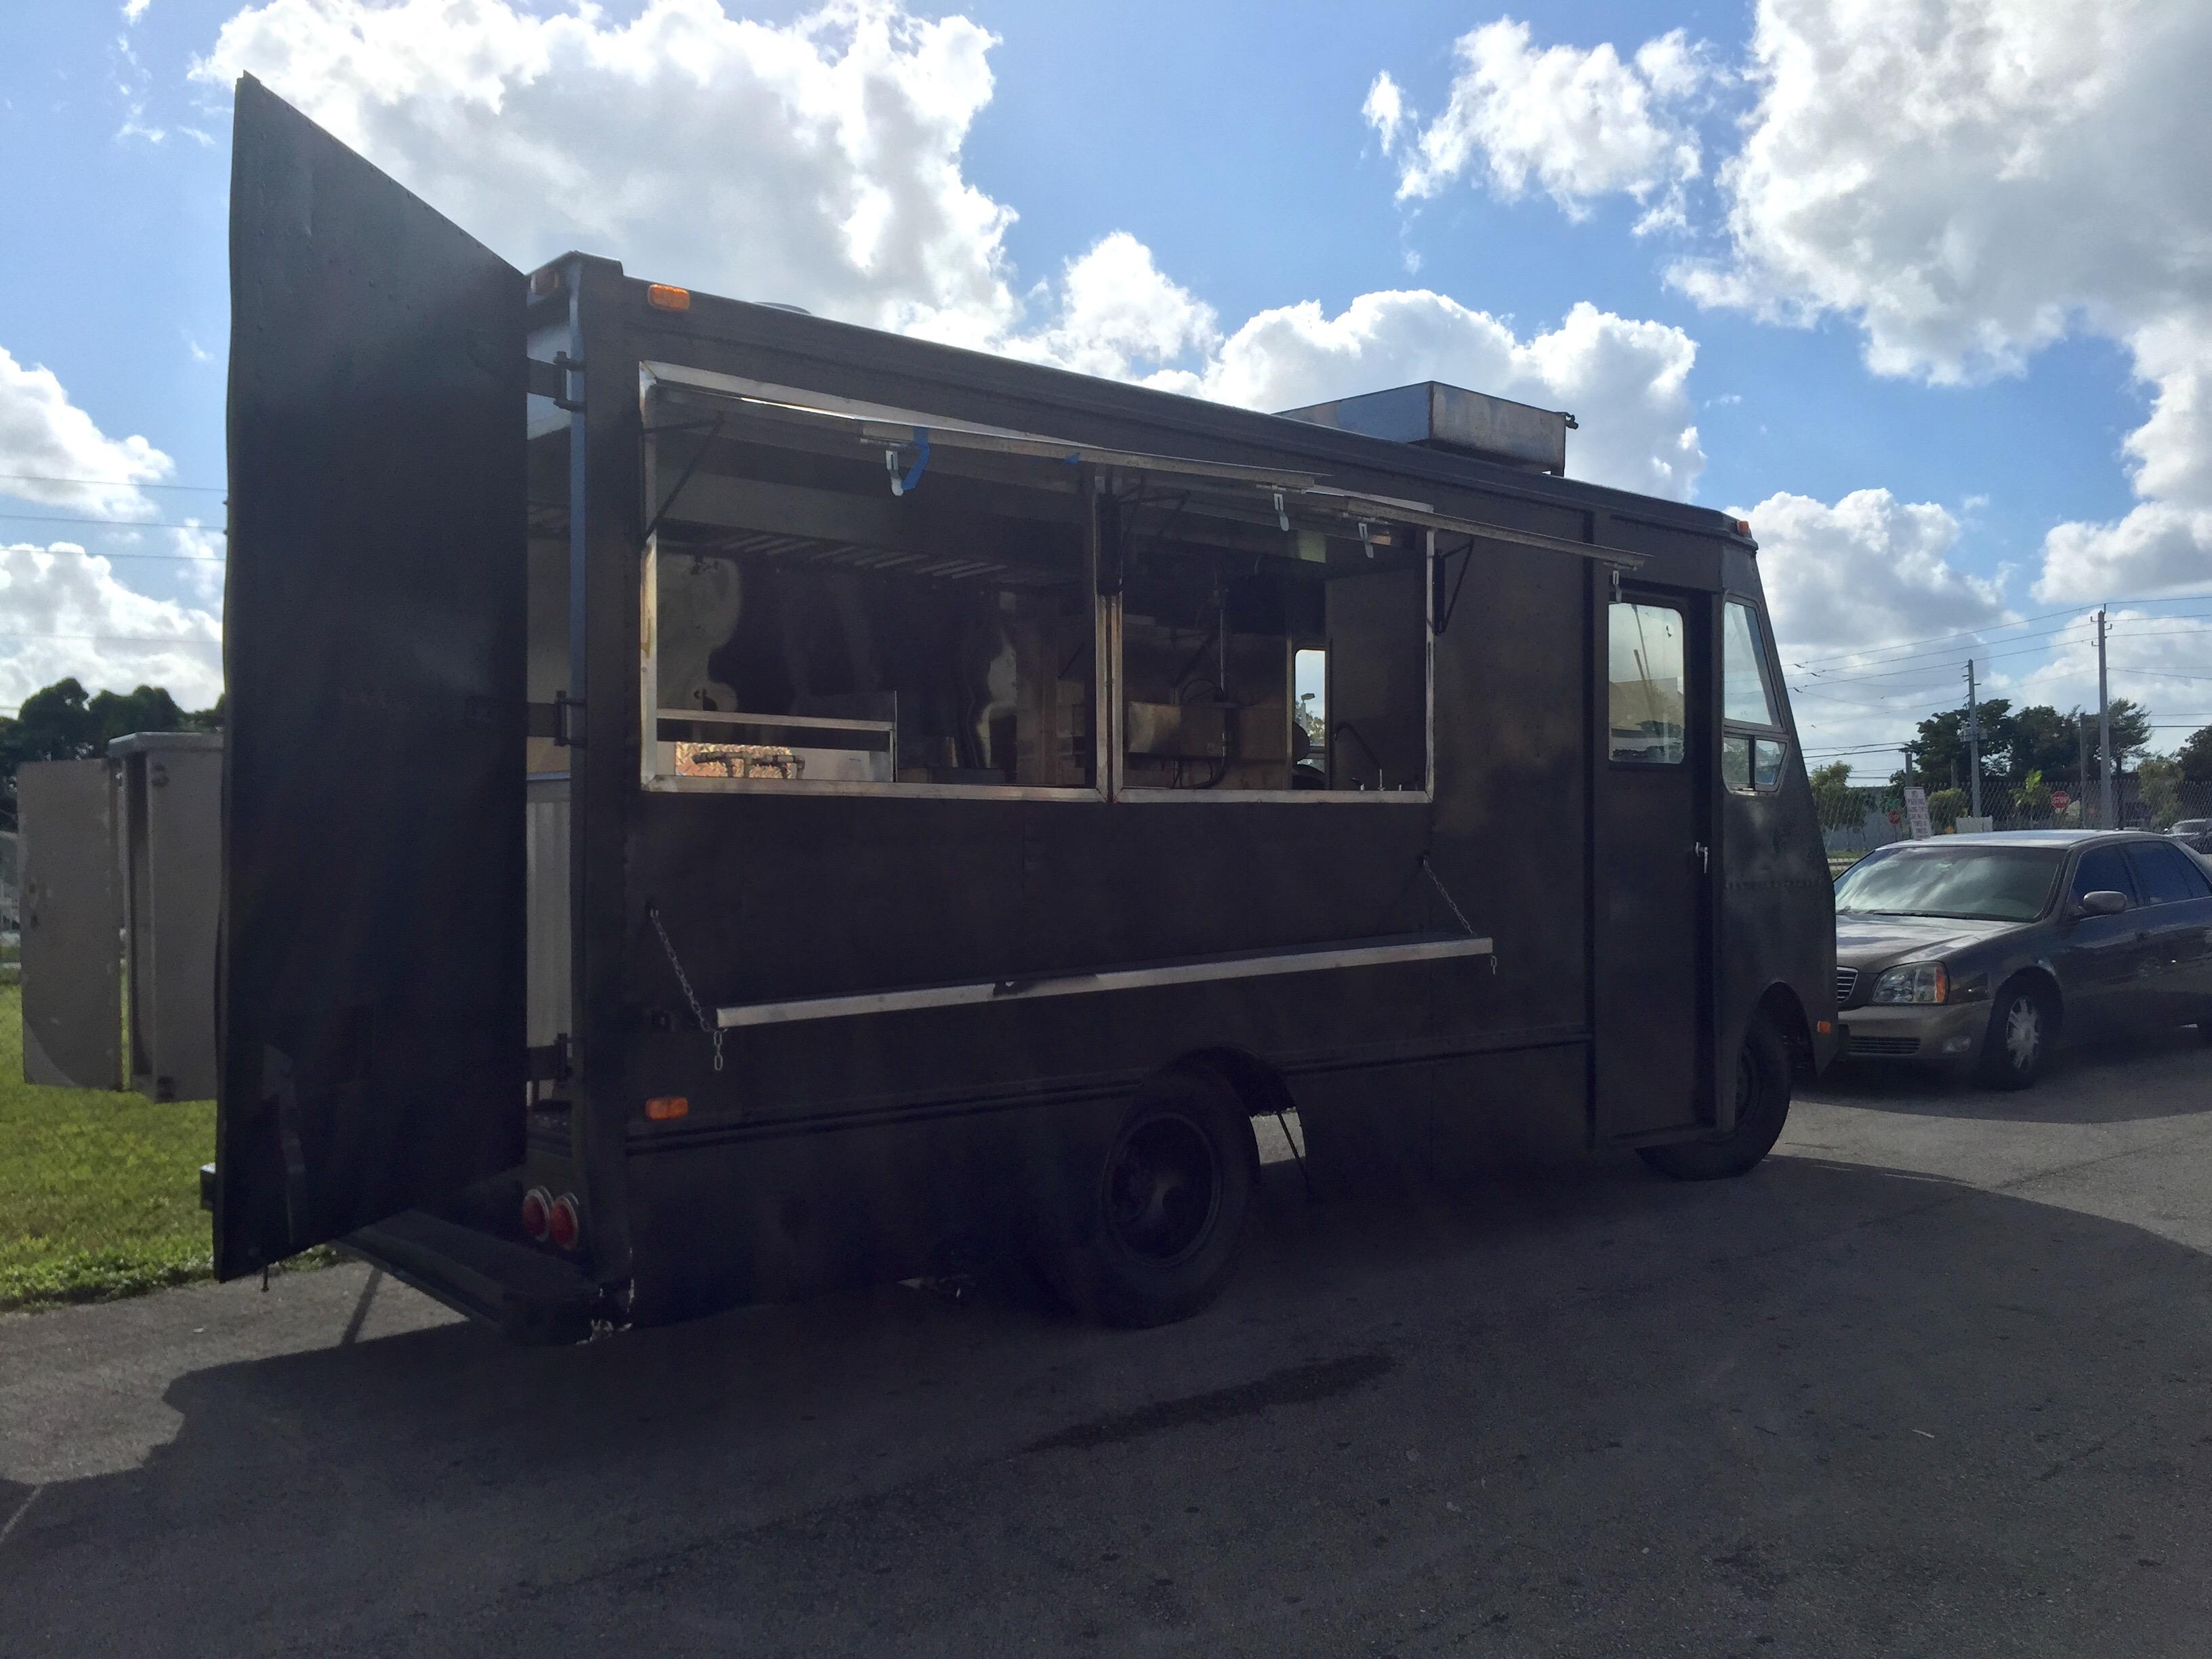 black food truck. Black Bedroom Furniture Sets. Home Design Ideas